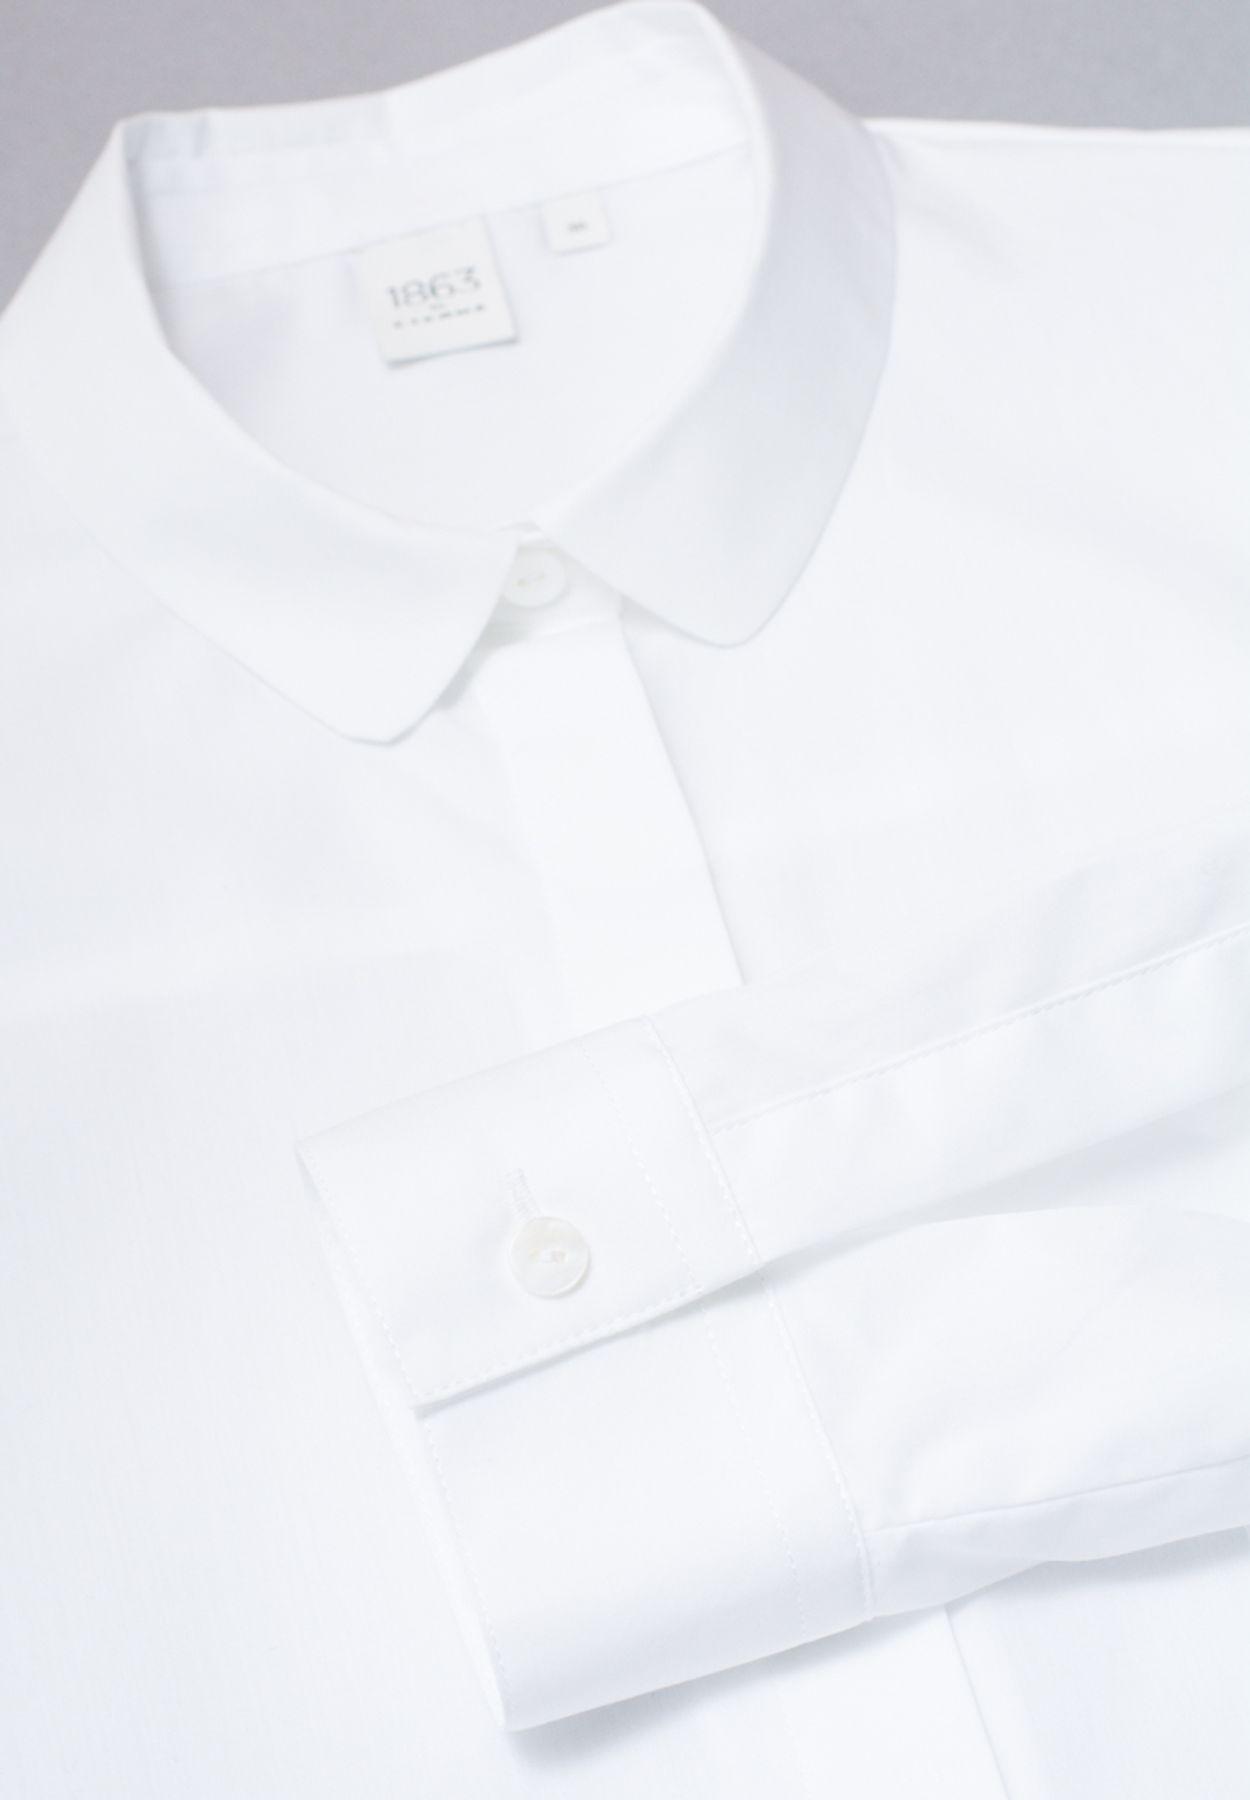 Eterna - Slim Fit - Damen Langarm Bluse in Weiß, Bügelfrei (5003 DY01) – Bild 6